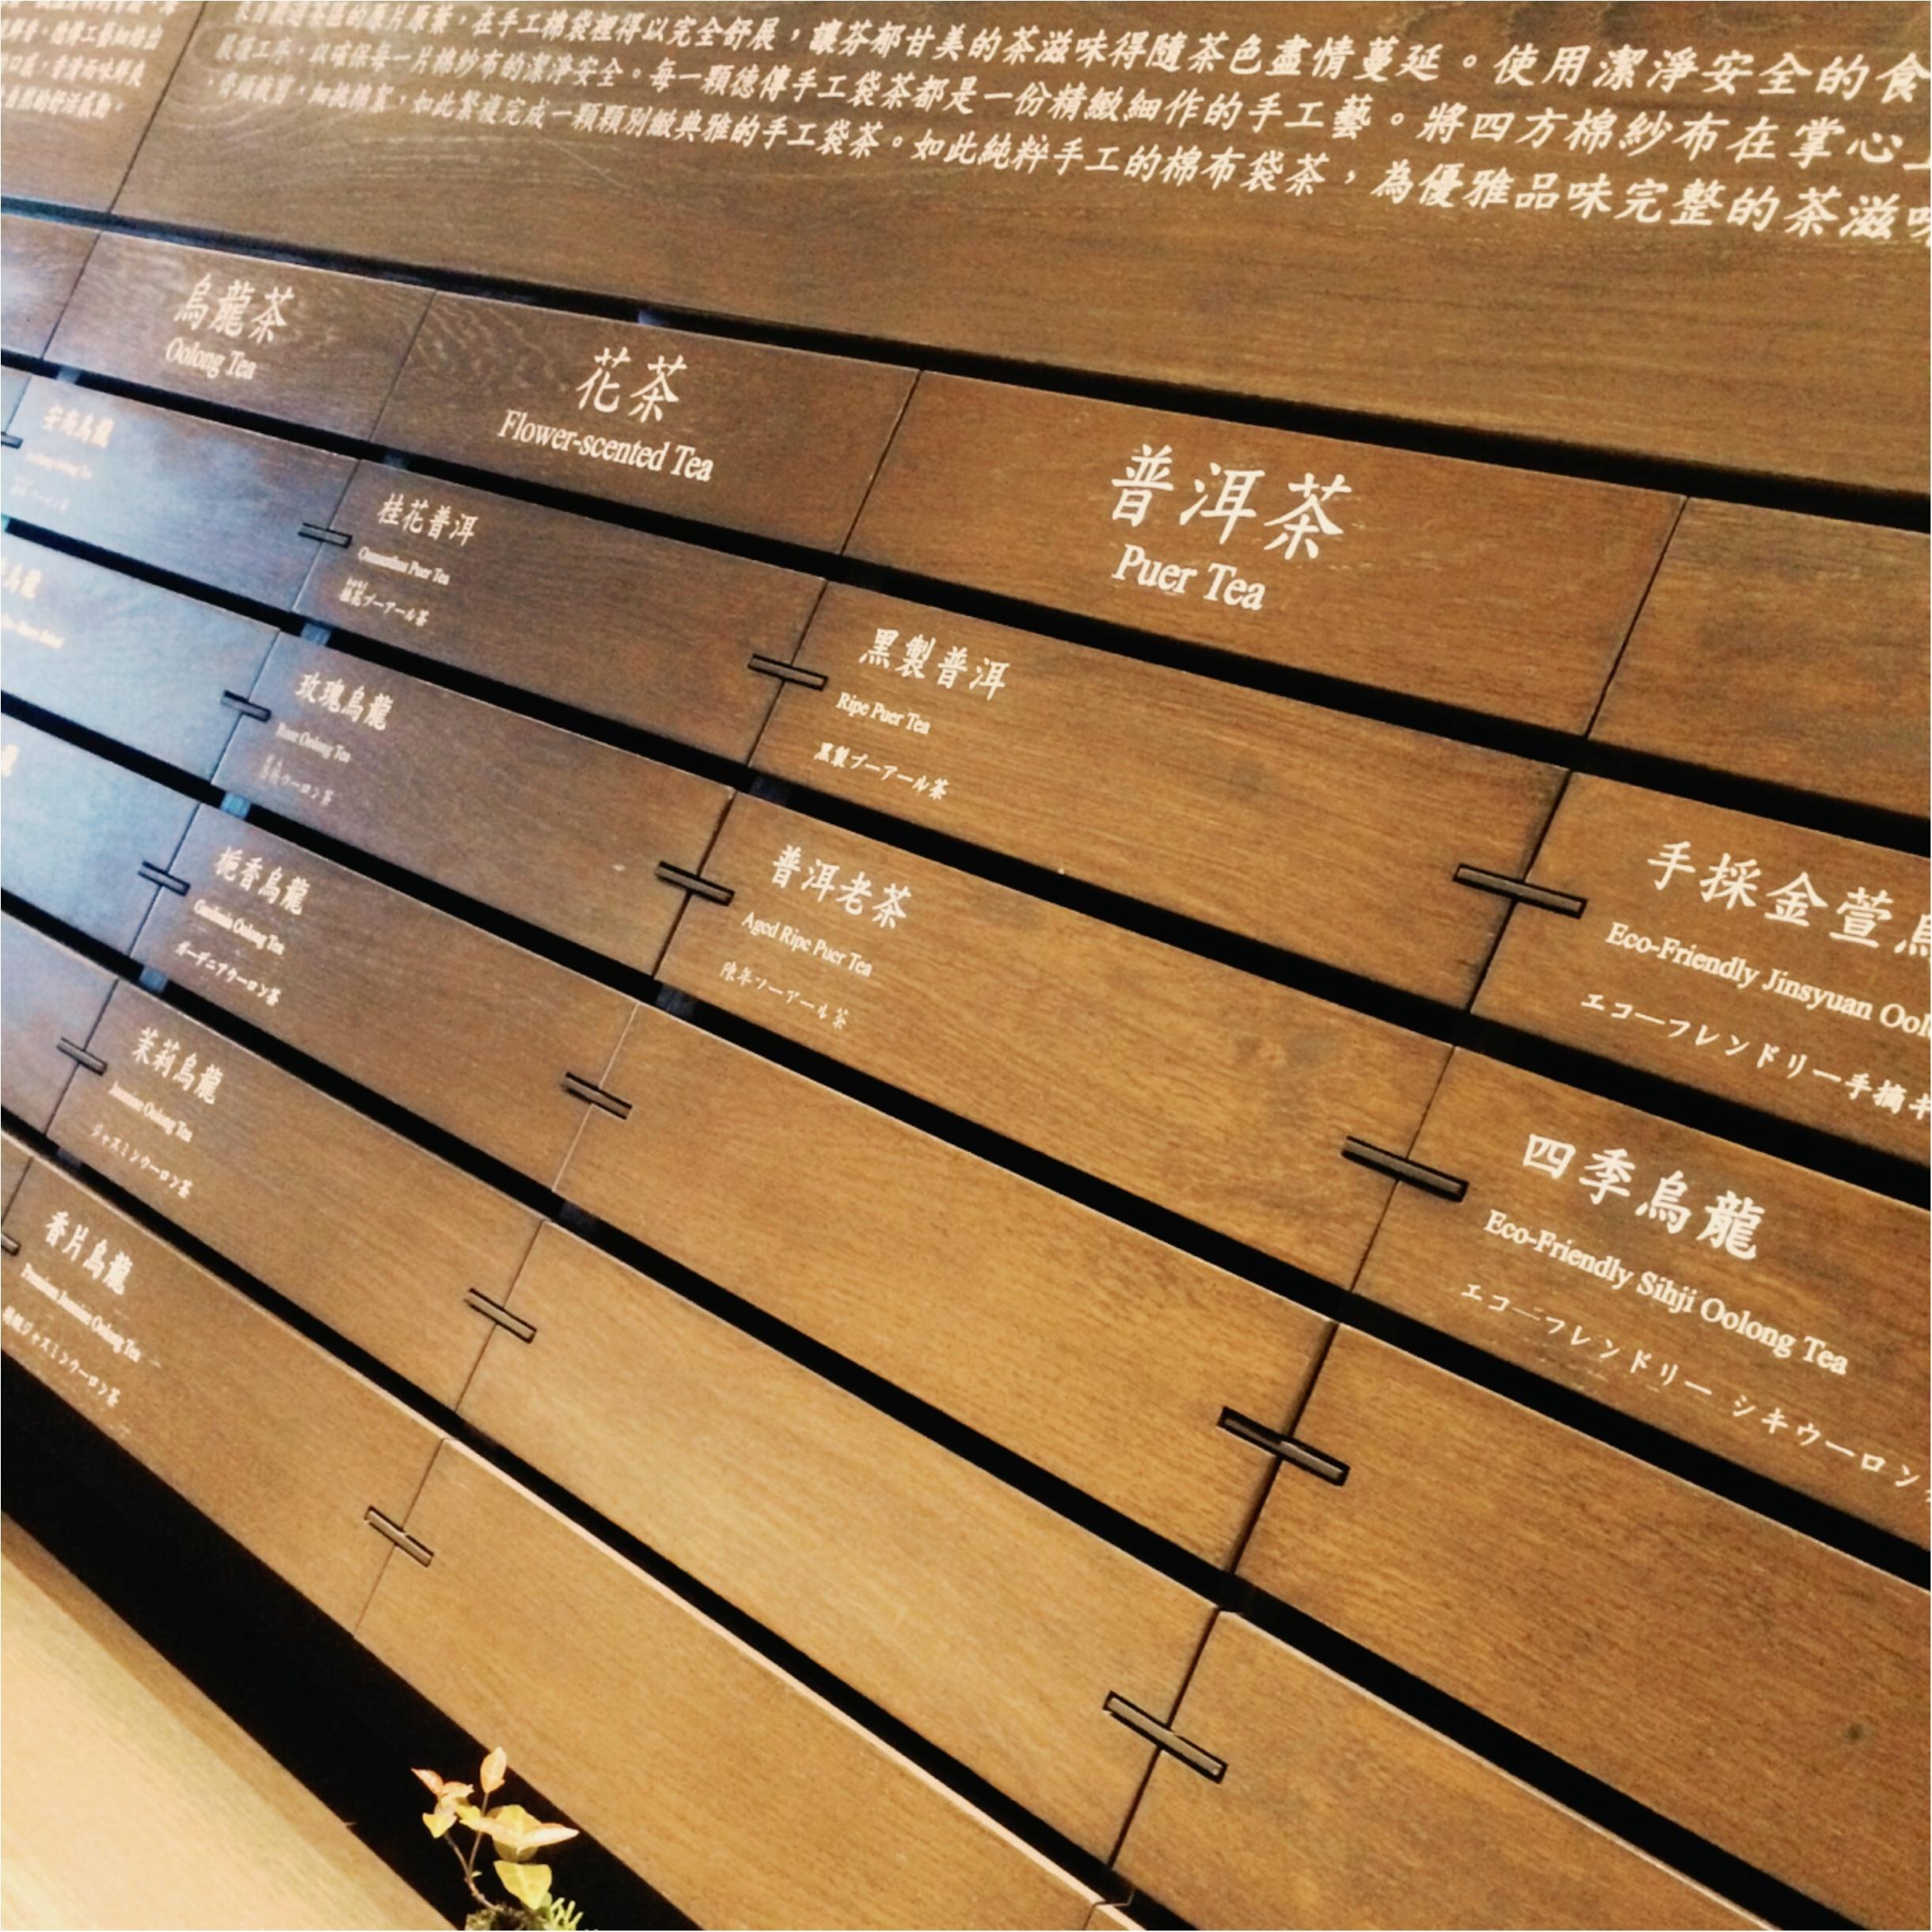 ★台湾といえばお茶!真っ赤な缶が目印♡140年以上の歴史を持つ老舗茶荘って?★_2